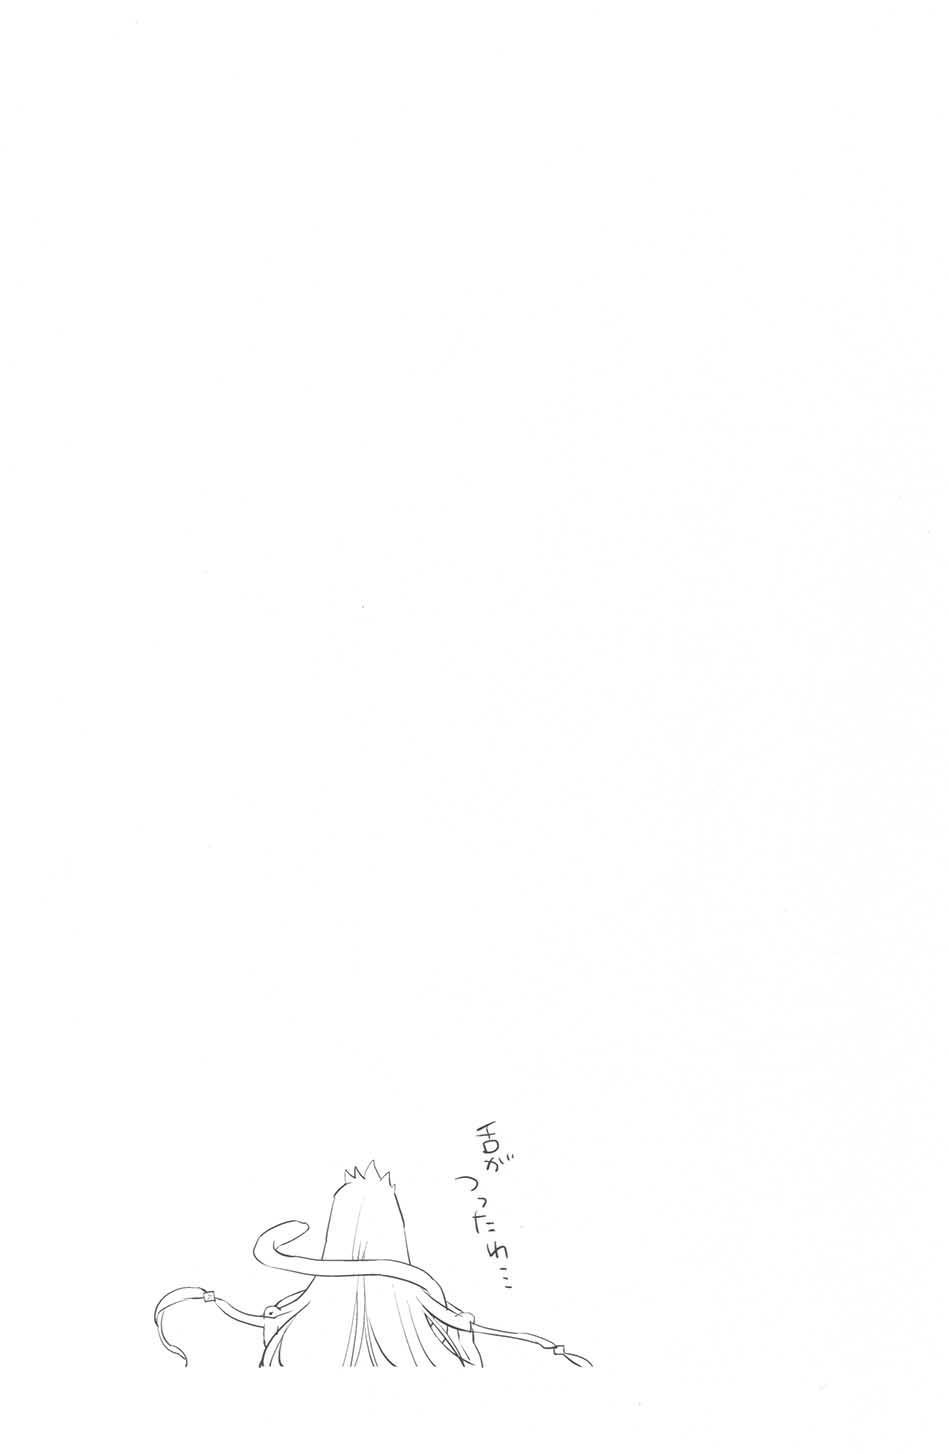 Koyoi, Watashi no Hajimete o Anata ni Sasagemasu 13